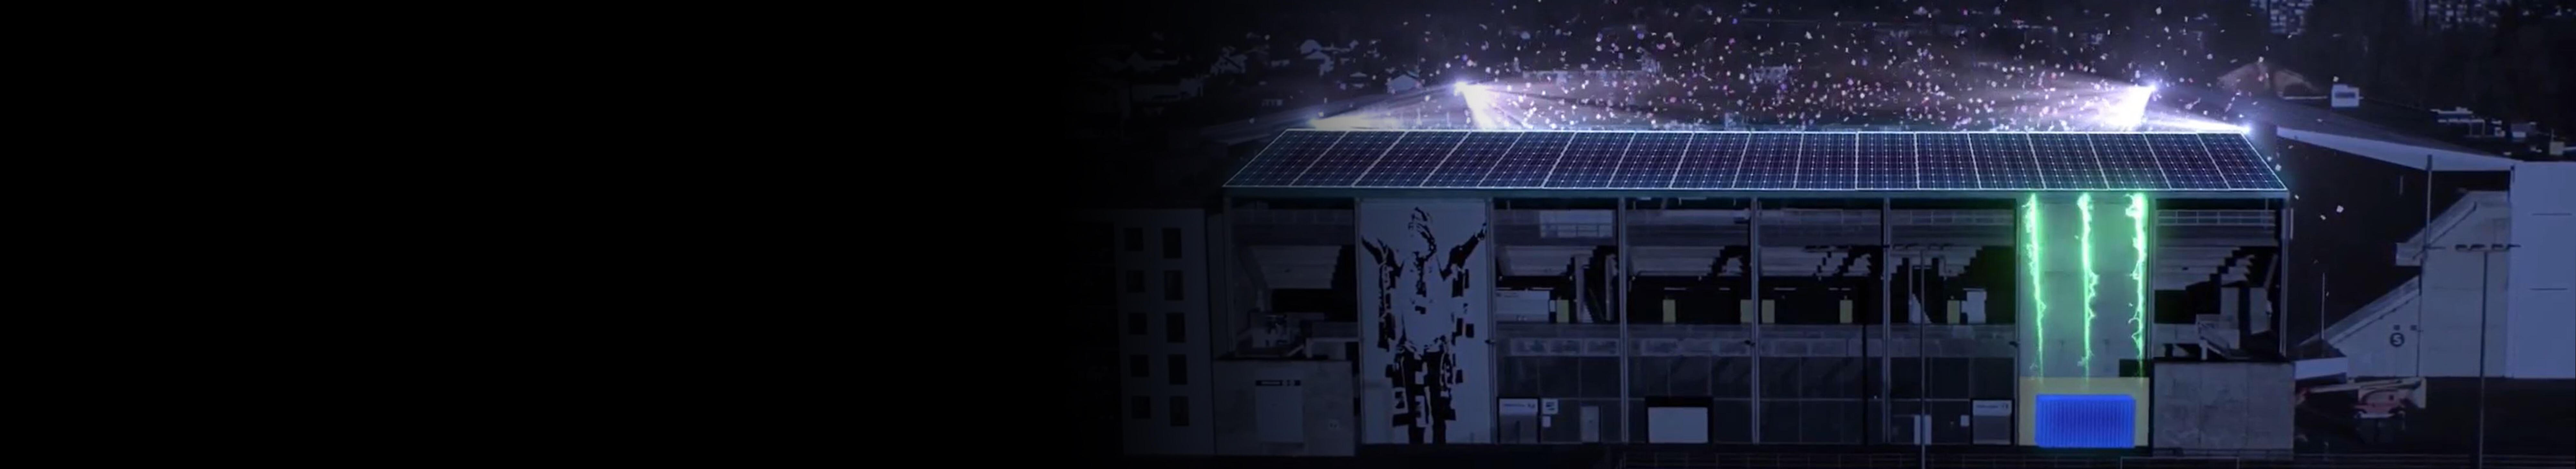 Skagerak Energilag illustrasjon